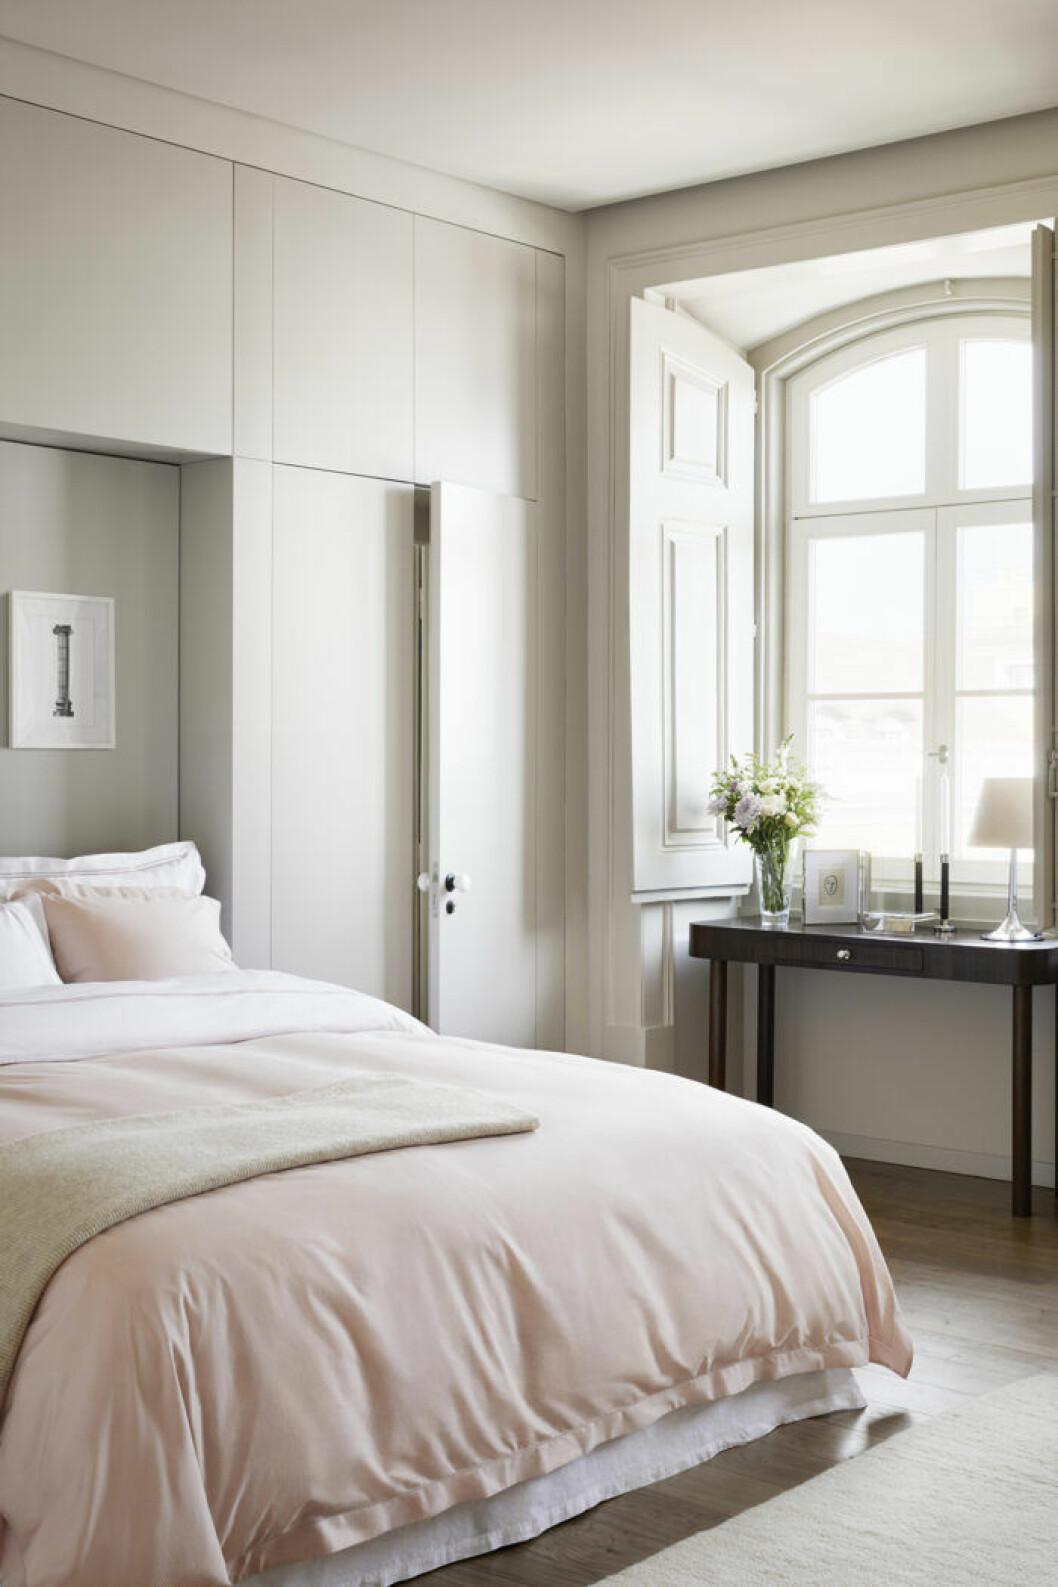 Hotellkänsla i sovrummet med en välbäddad säng